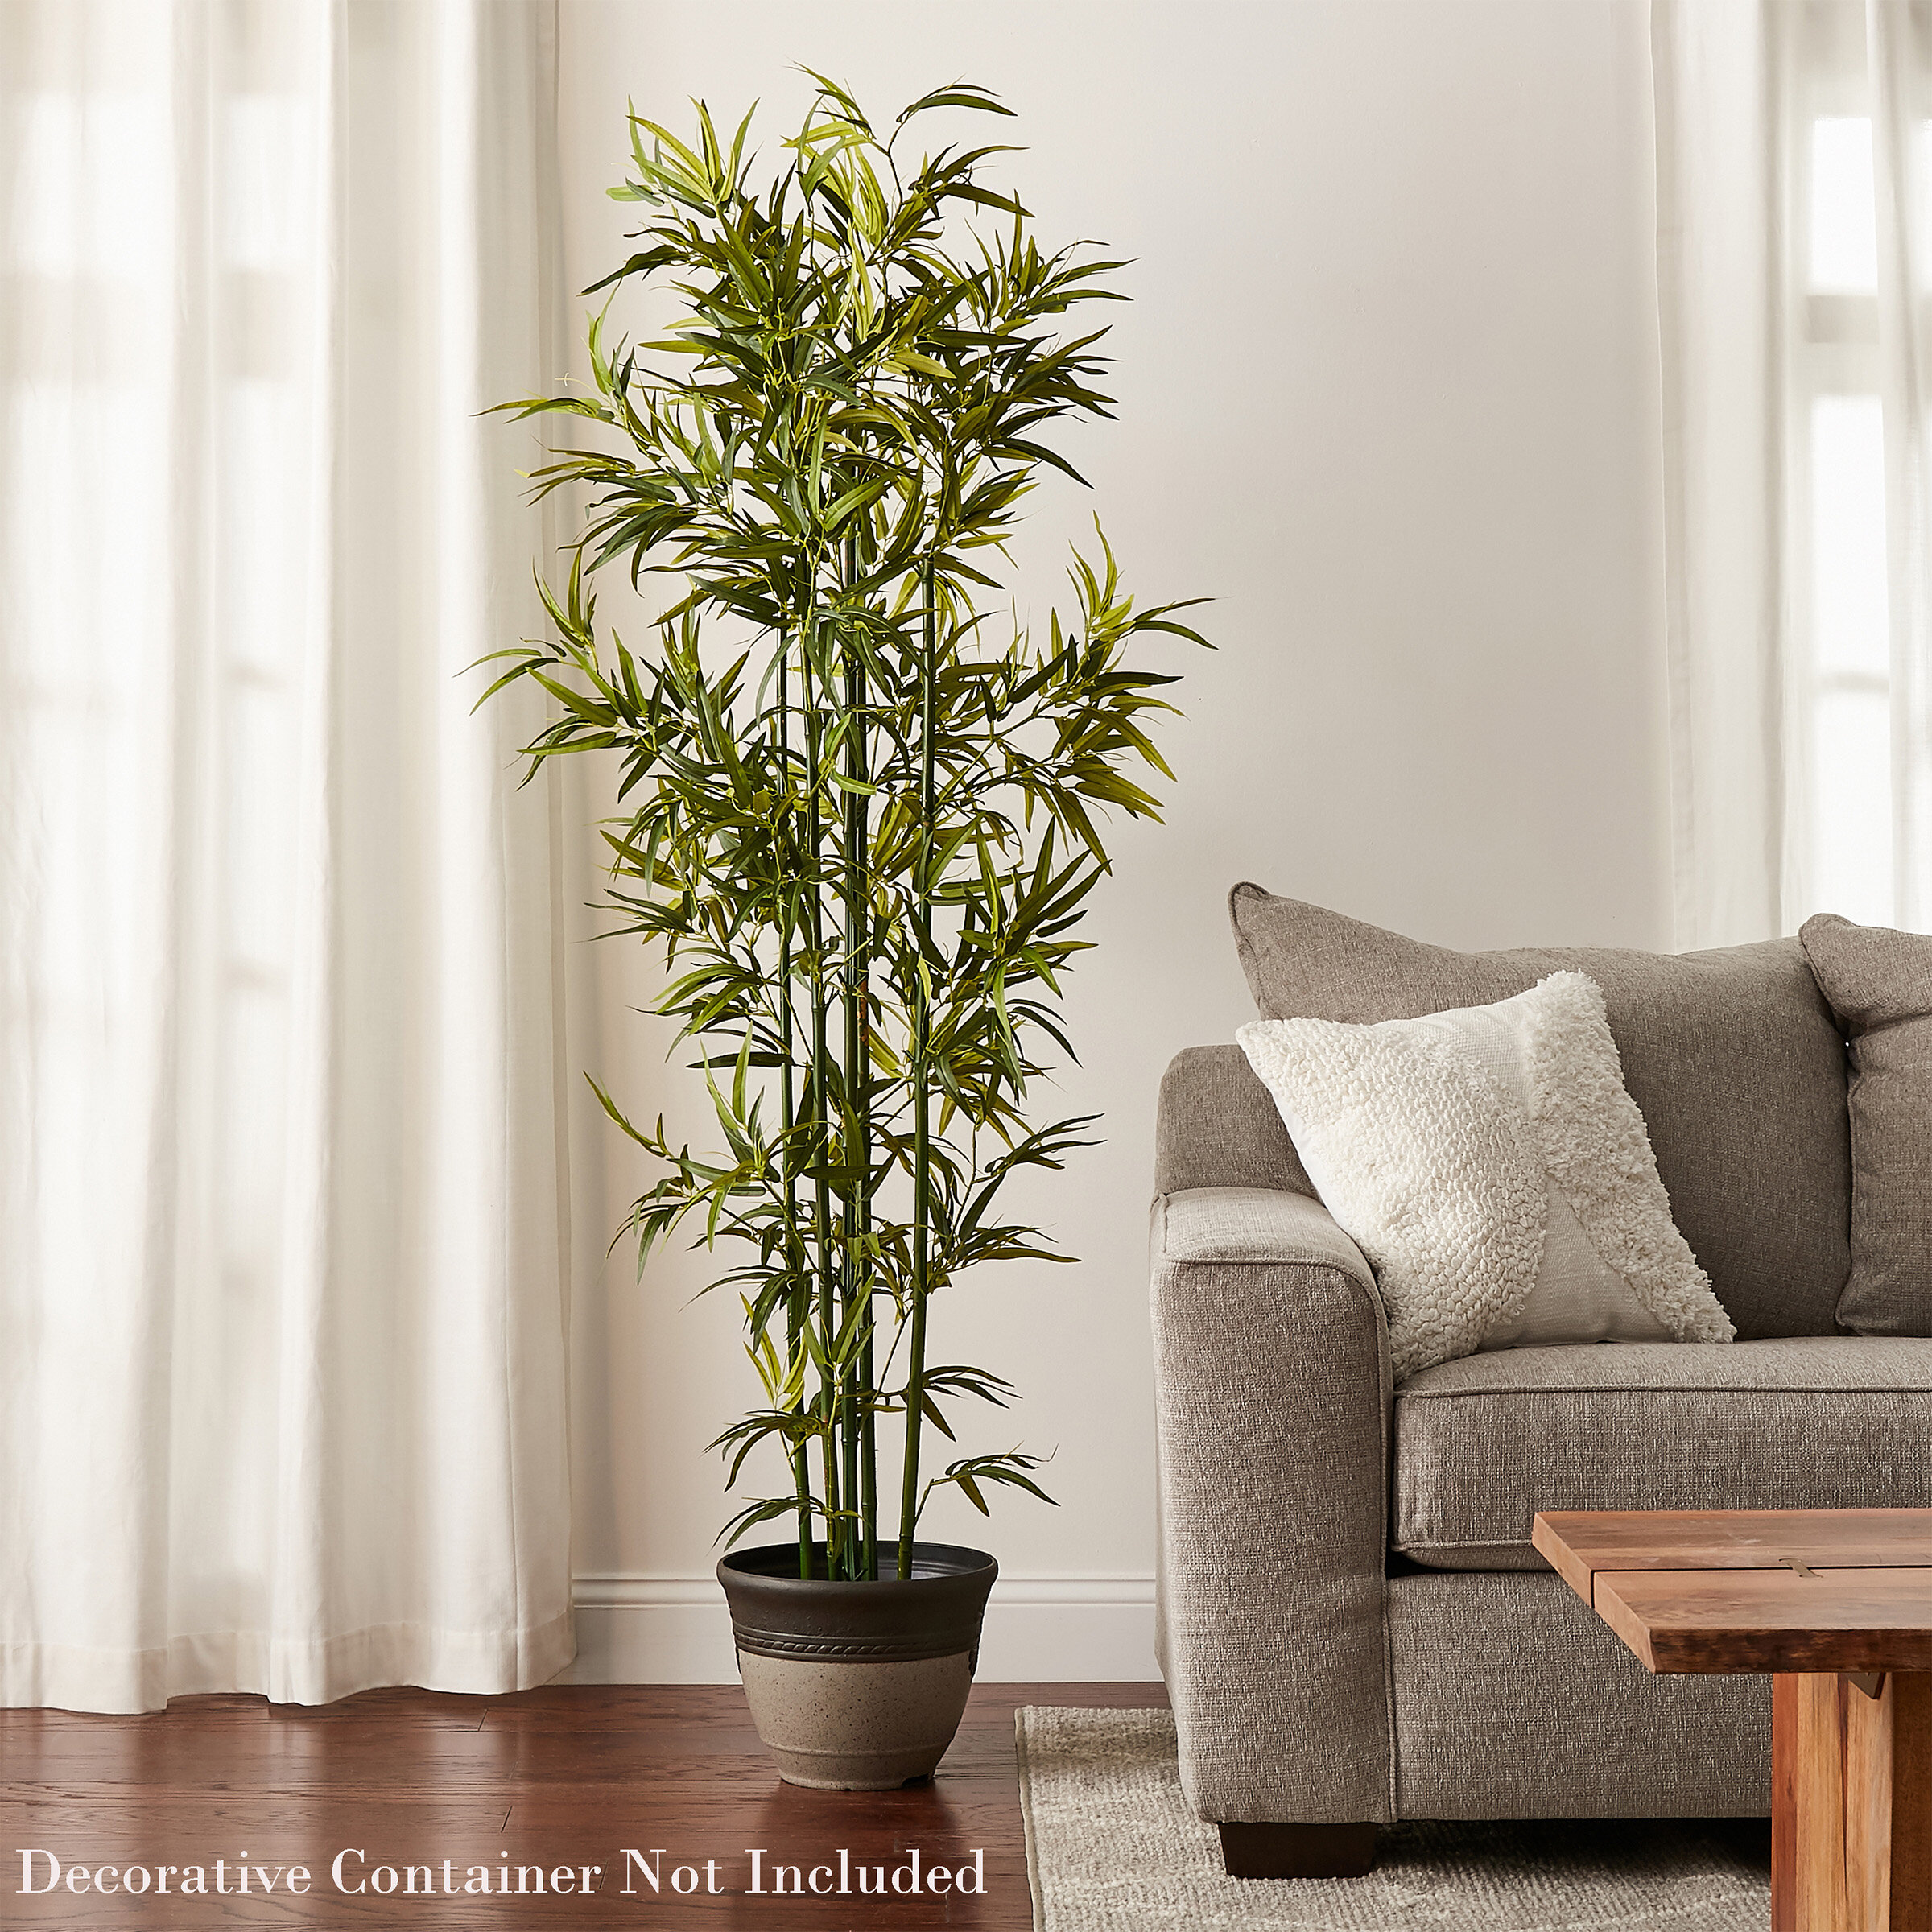 Pure Garden Artificial Bamboo Tree In Planter Reviews Wayfair